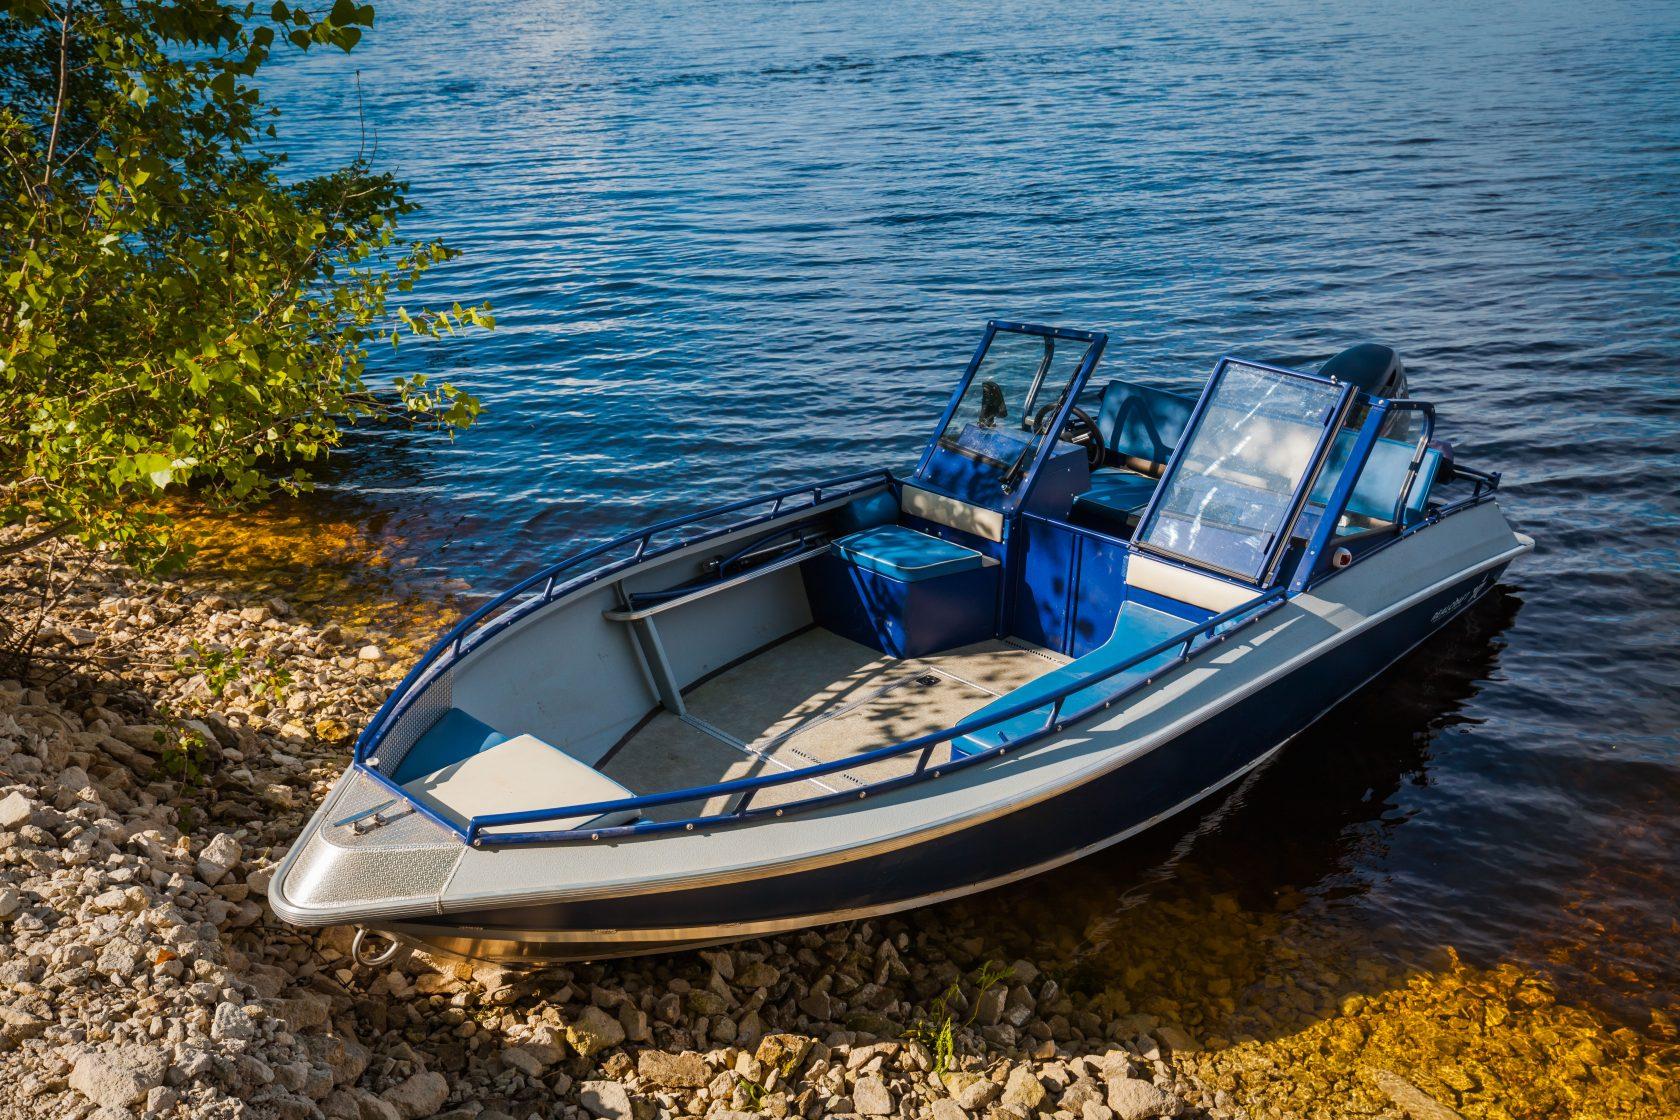 менеджер моторные лодки с ценой в картинках один